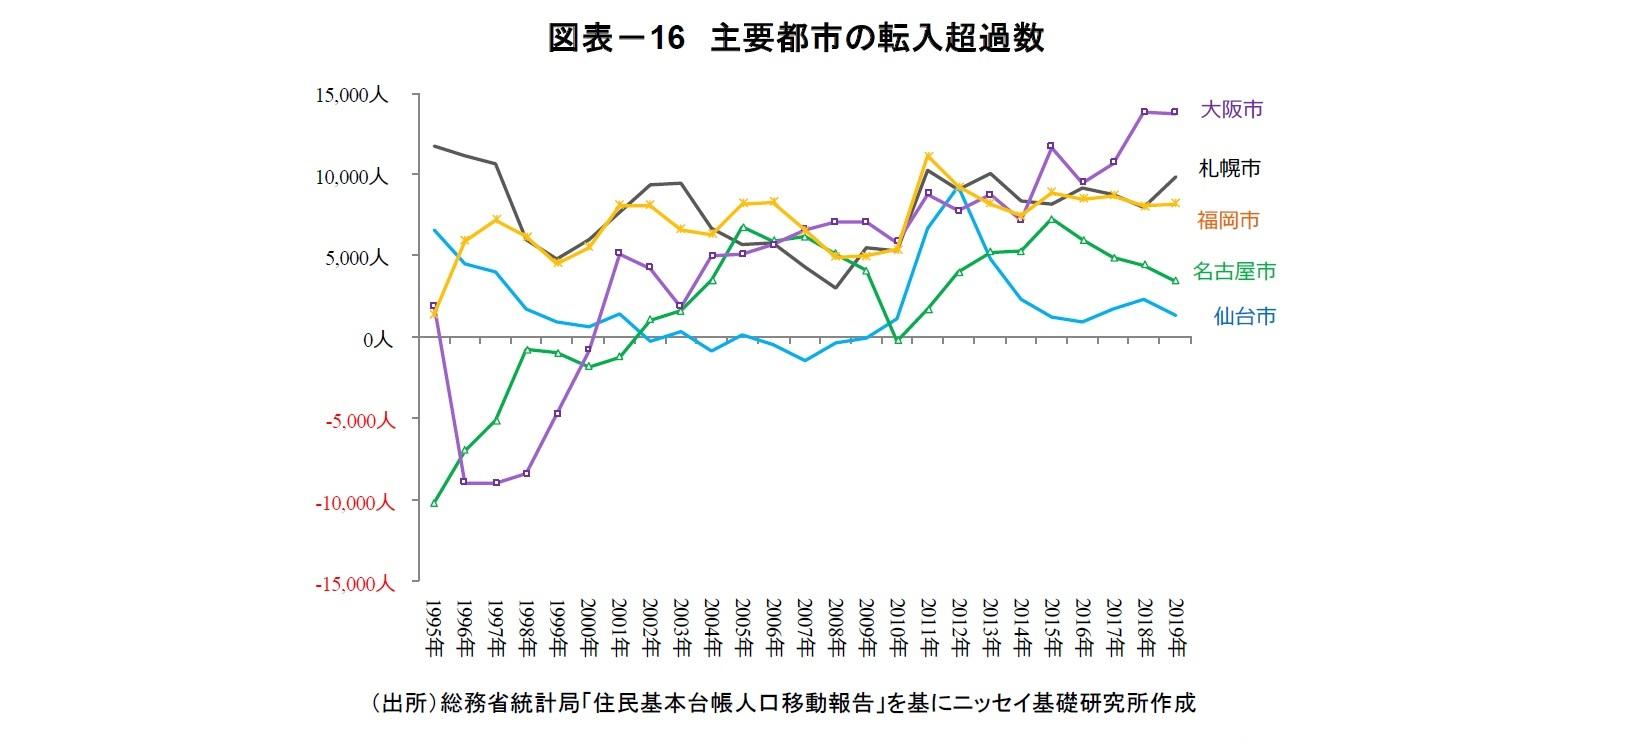 図表-16 主要都市の転入超過数